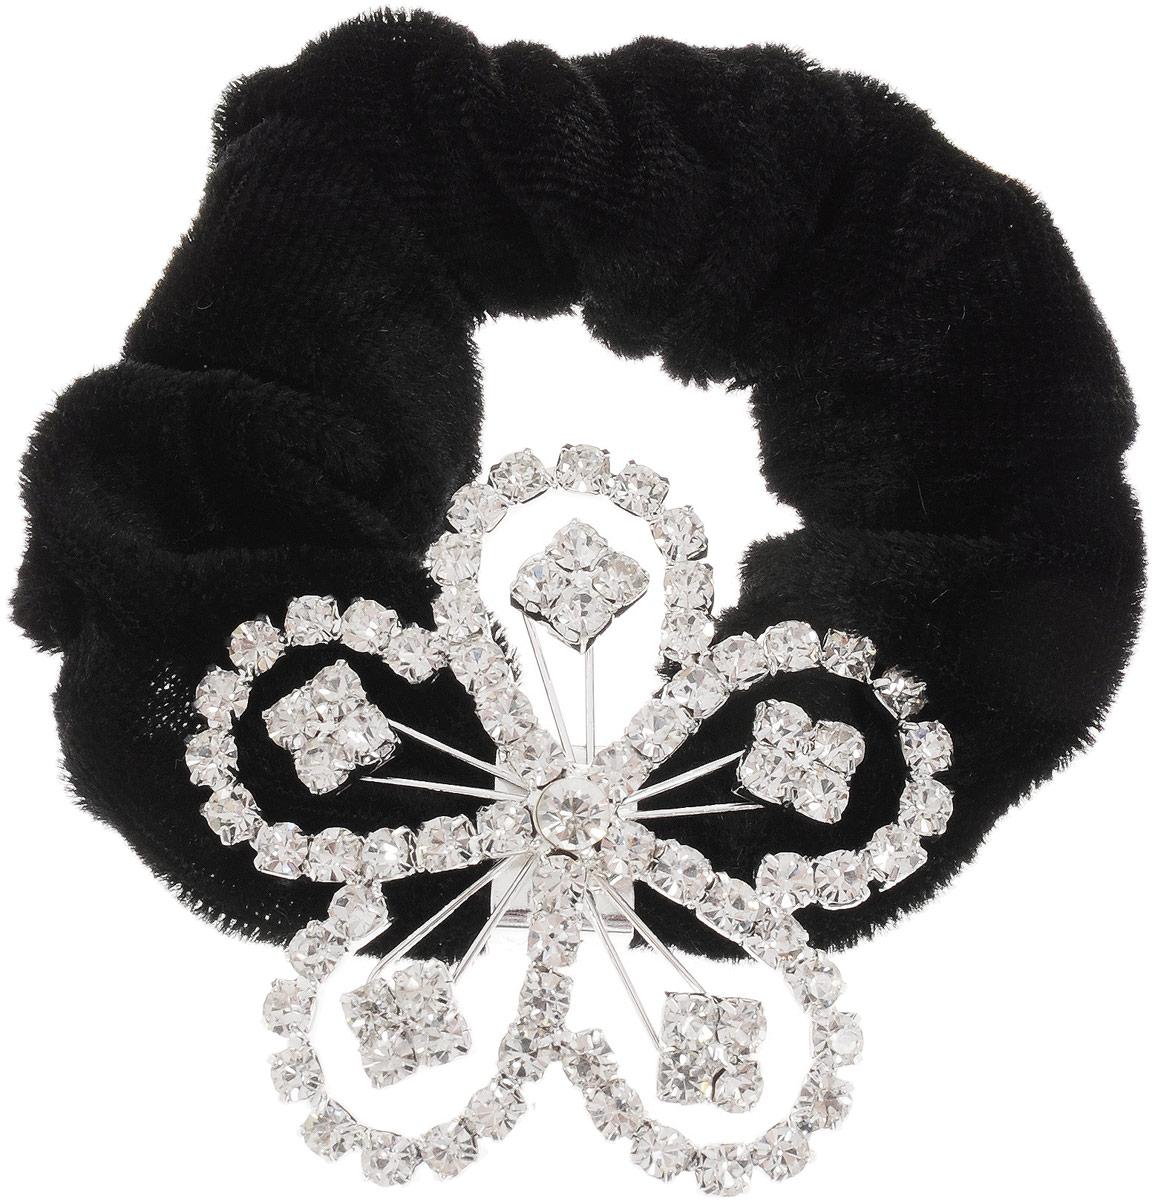 Резинка для волос Fashion House, цвет: серебристый, черный. FH33178KZ 0347Резинка для волос Fashion House изготовлена из текстиля и дополнена металлическим декоративным элементом, выполненным в виде цветка, оформленного стразами. Изделие надежно зафиксирует волосы и завершит образ.